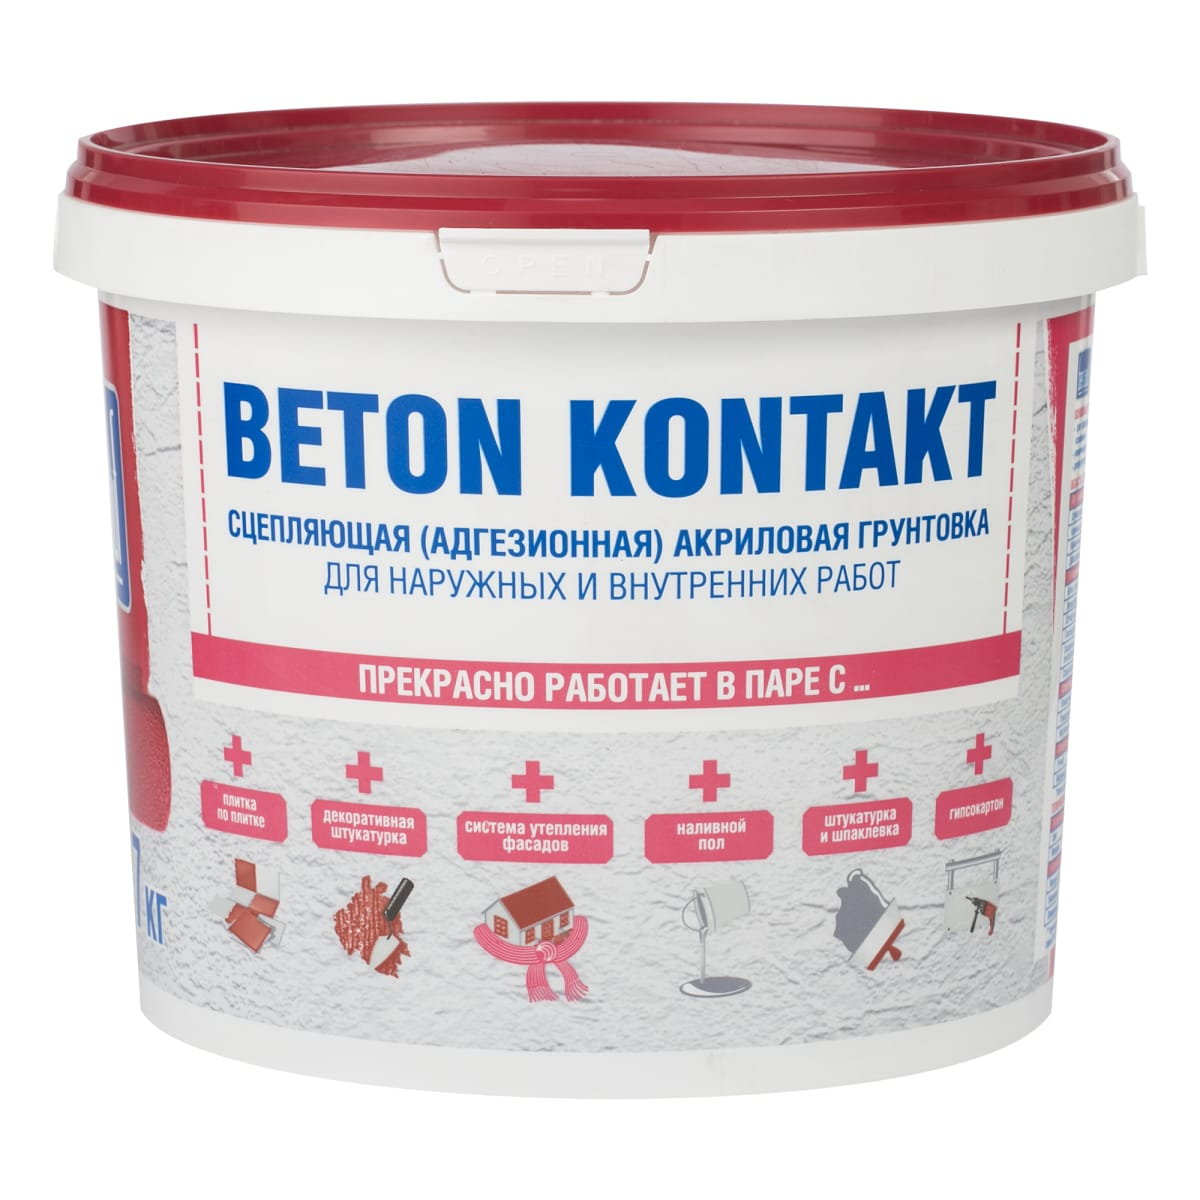 Купить бергауф бетон контакт заказать формы для бетона